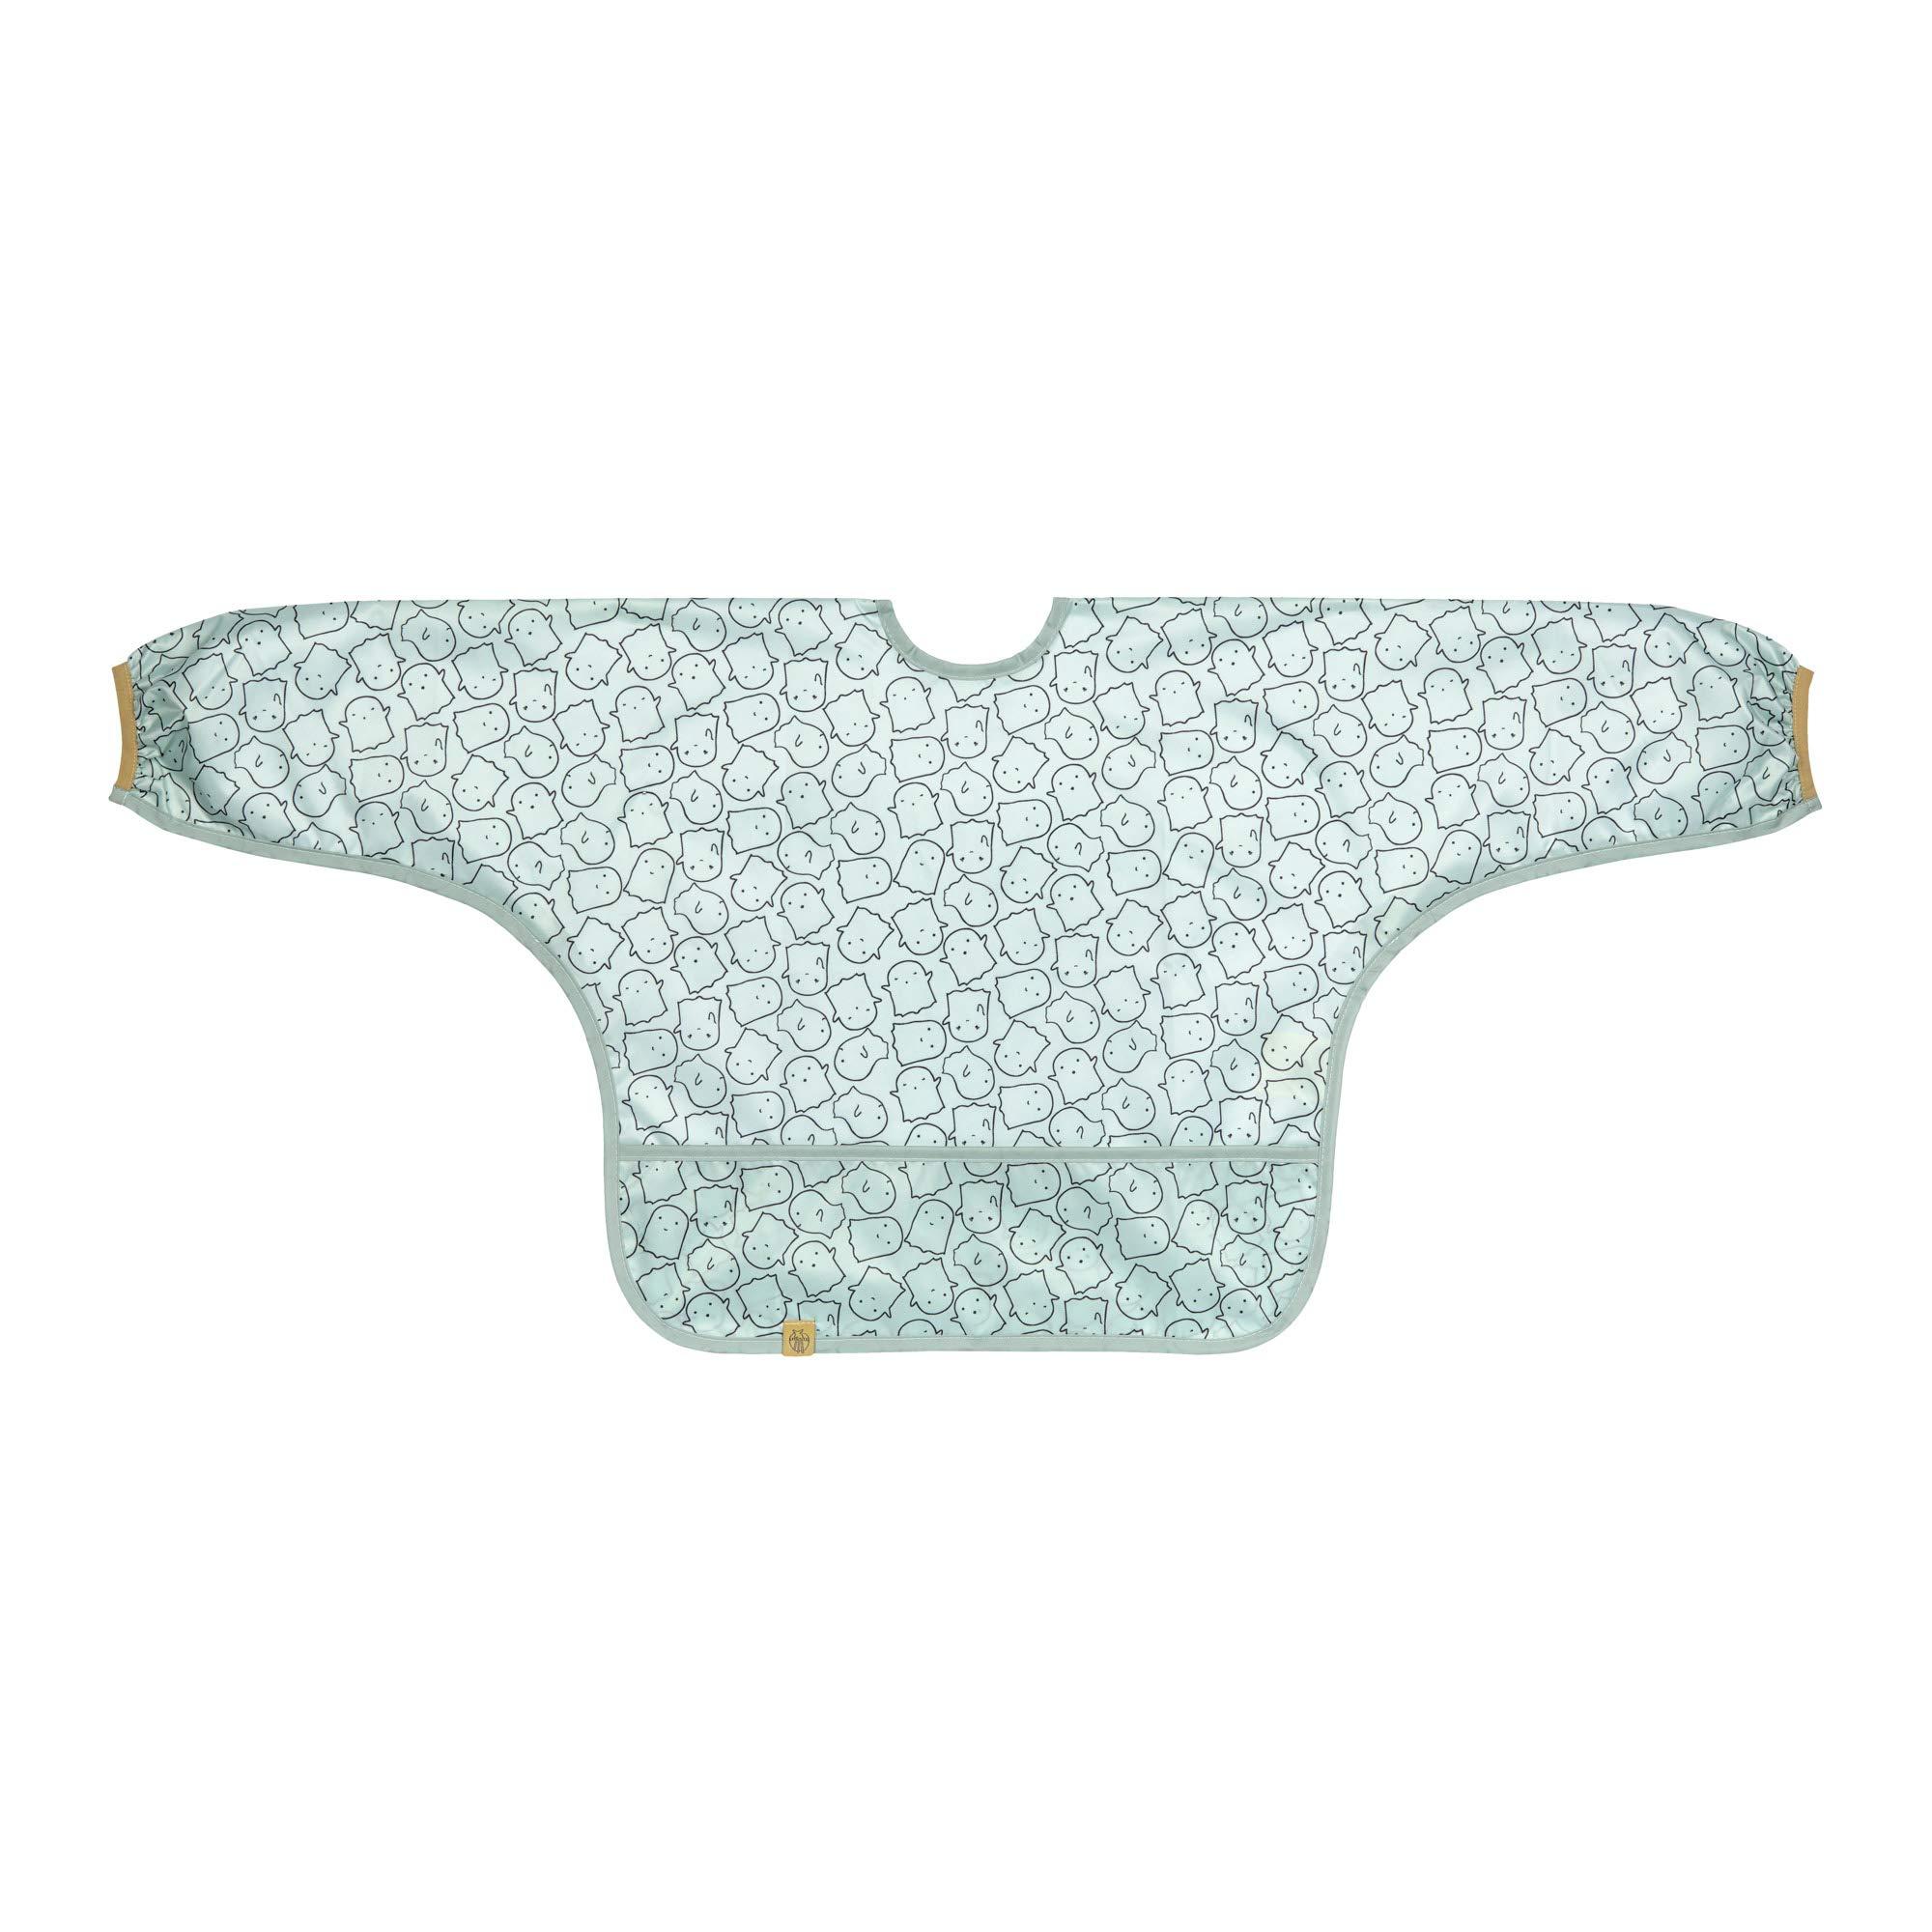 Lassig Long Sleeve Waterproof Bib with Pocket - Little Spookies Olive